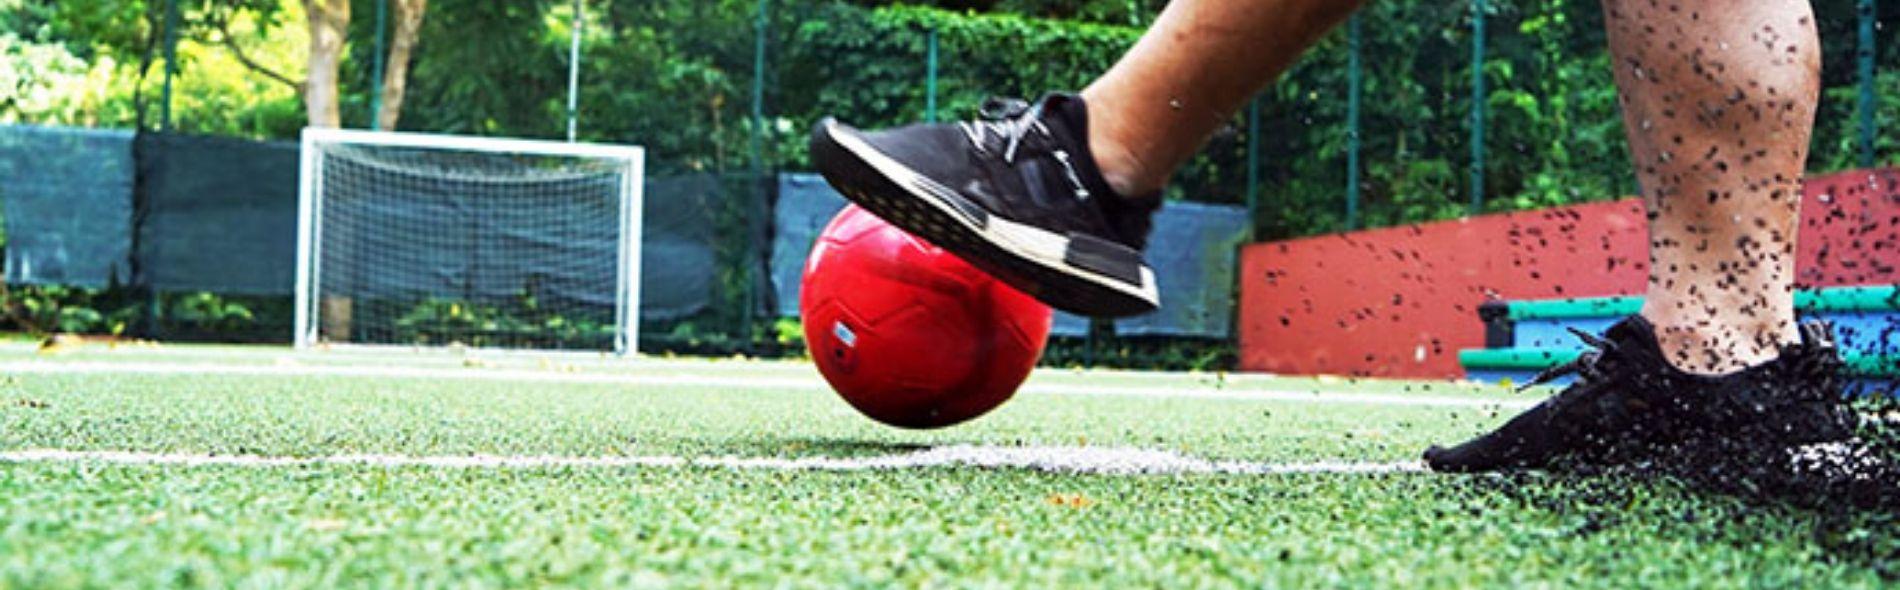 1900x590_MF F Futsal